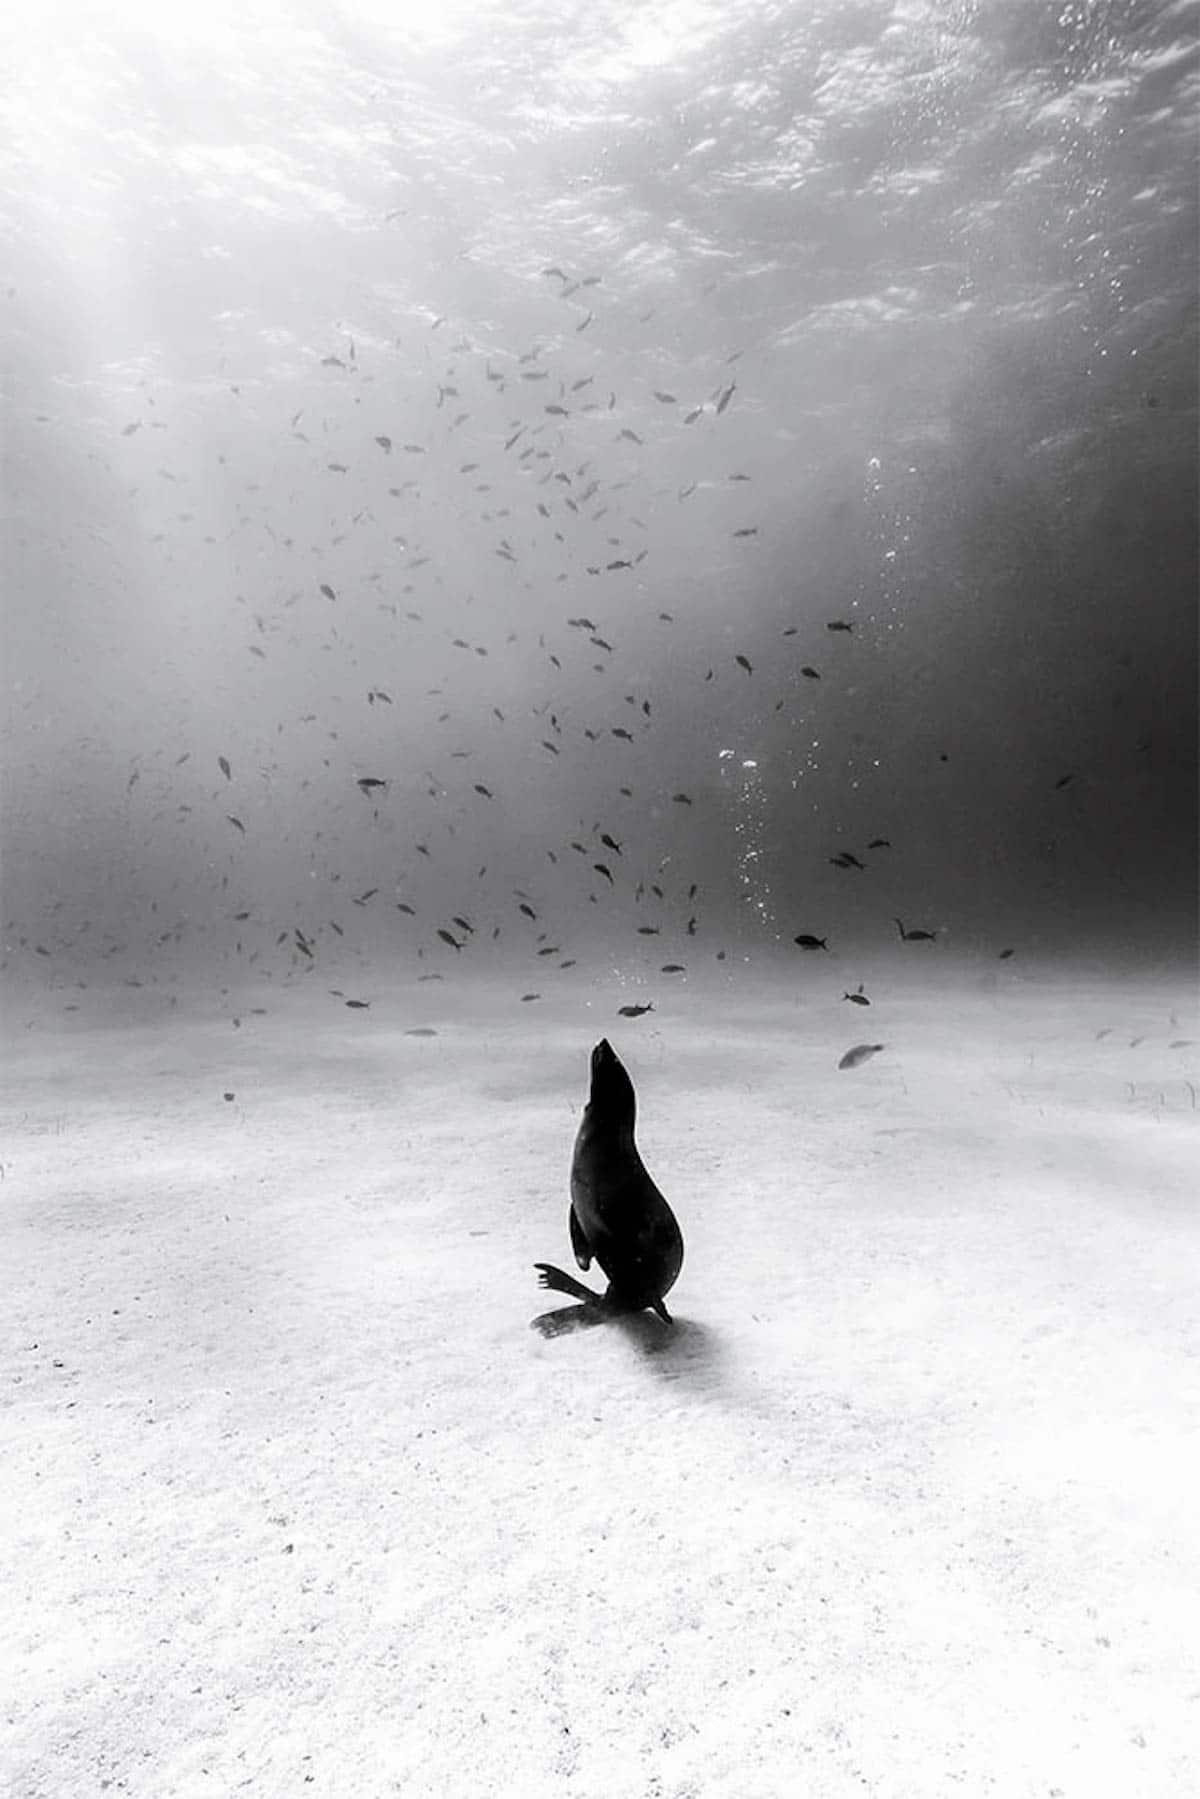 fotografía subacuática en blanco y negro por Christian Vizl